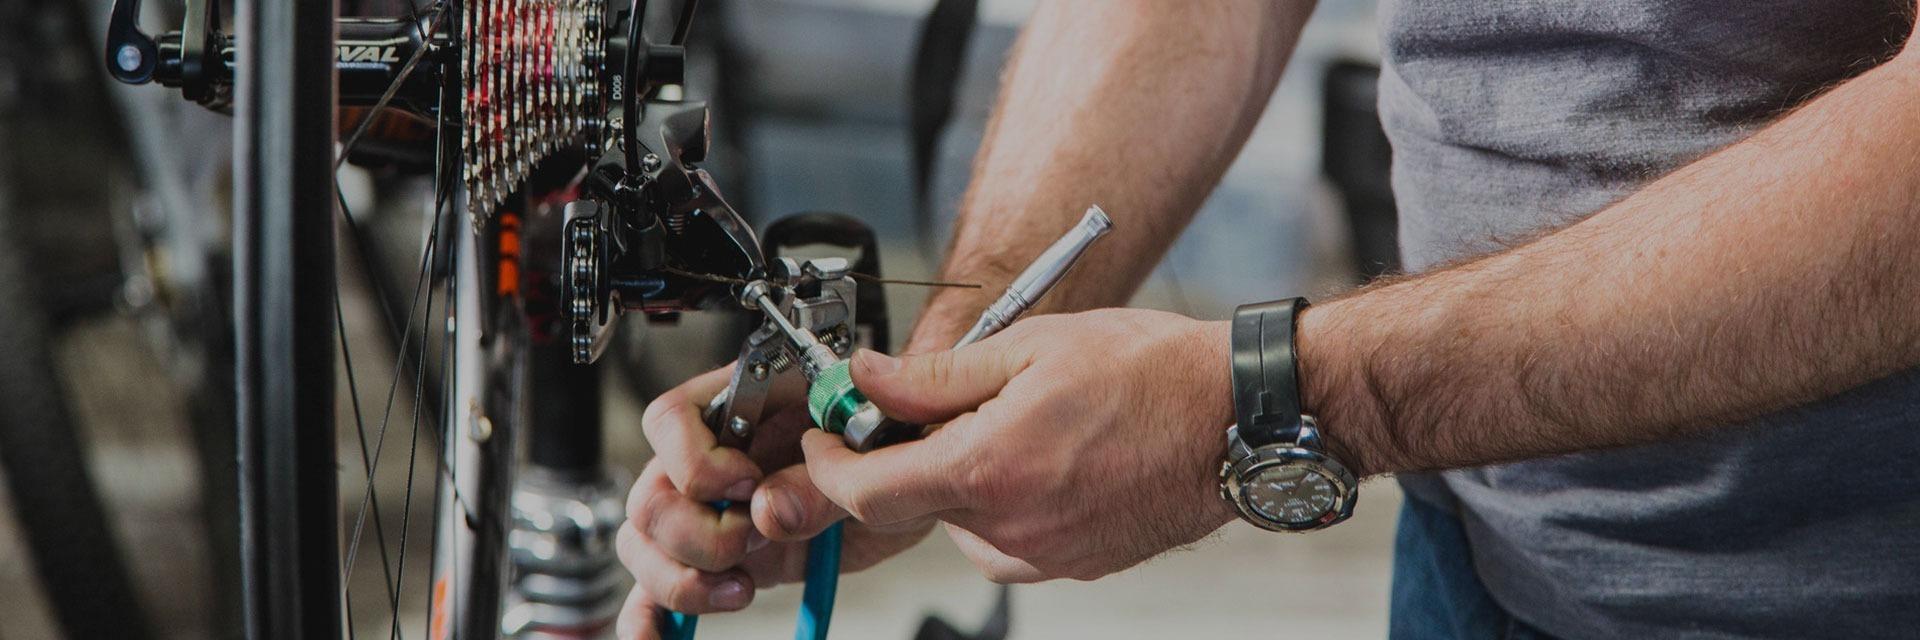 Bike Technician repairing a bike.